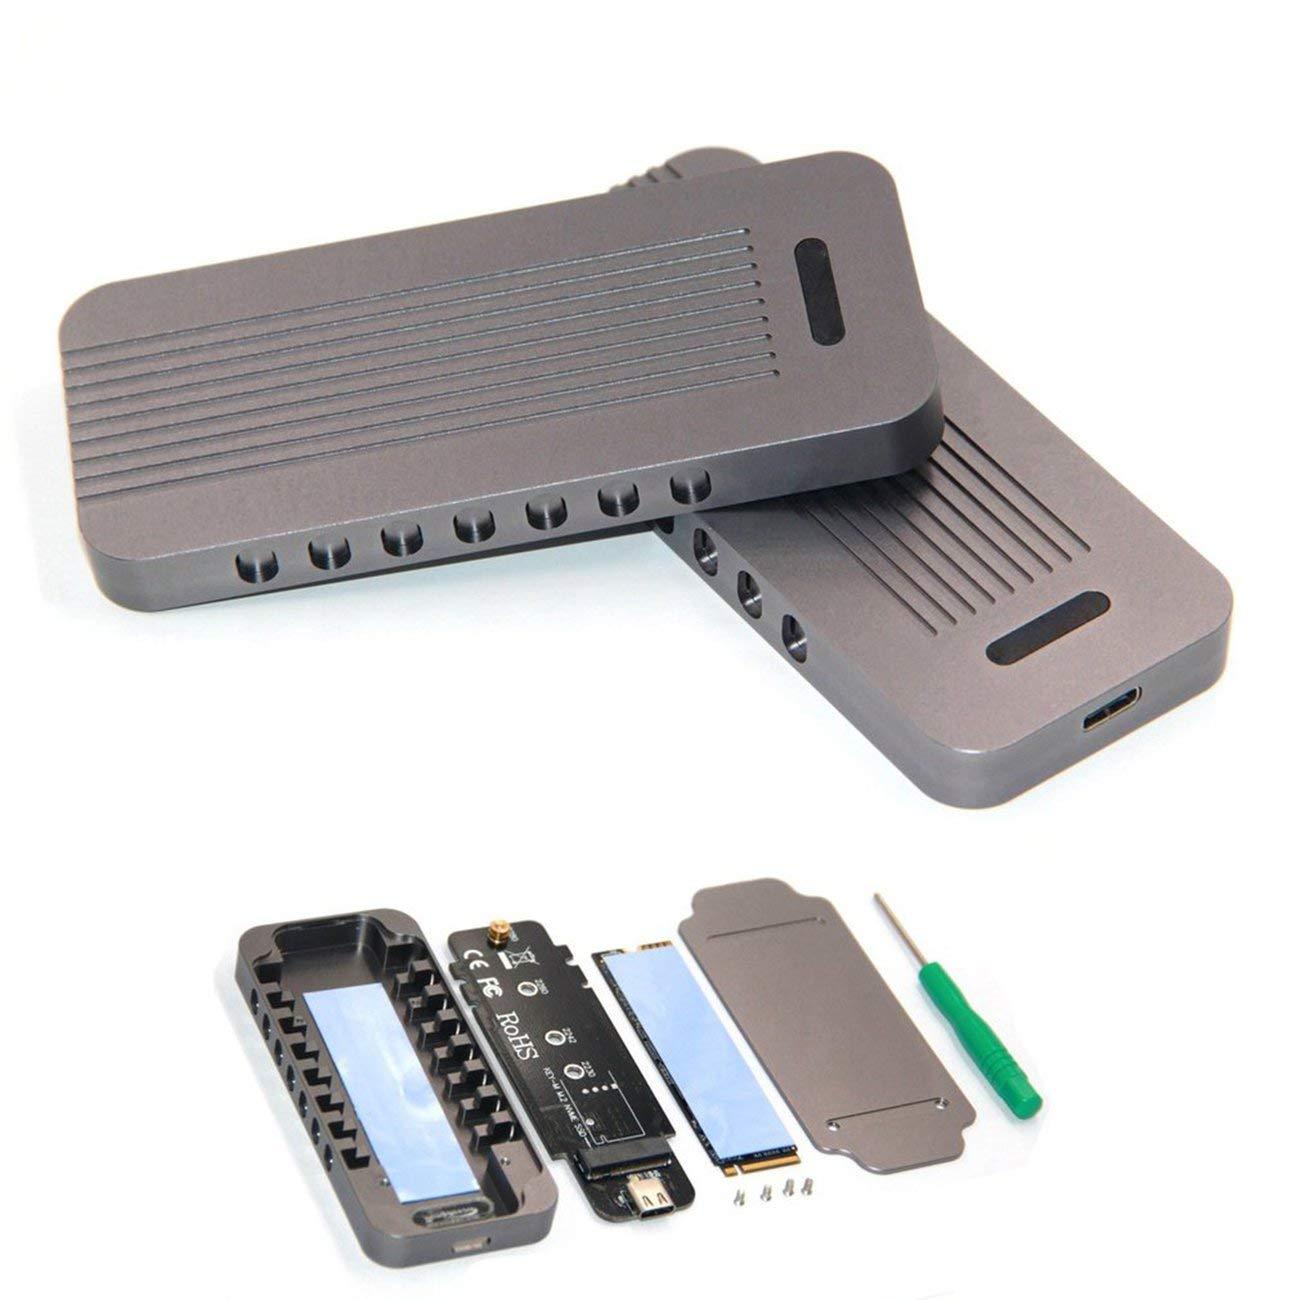 LasVogos Aluminio NVMe PCIE USB3.1 HDD M.2 a la la la sentencia de la unidad USB de Disco Duro SSD bf7b8a